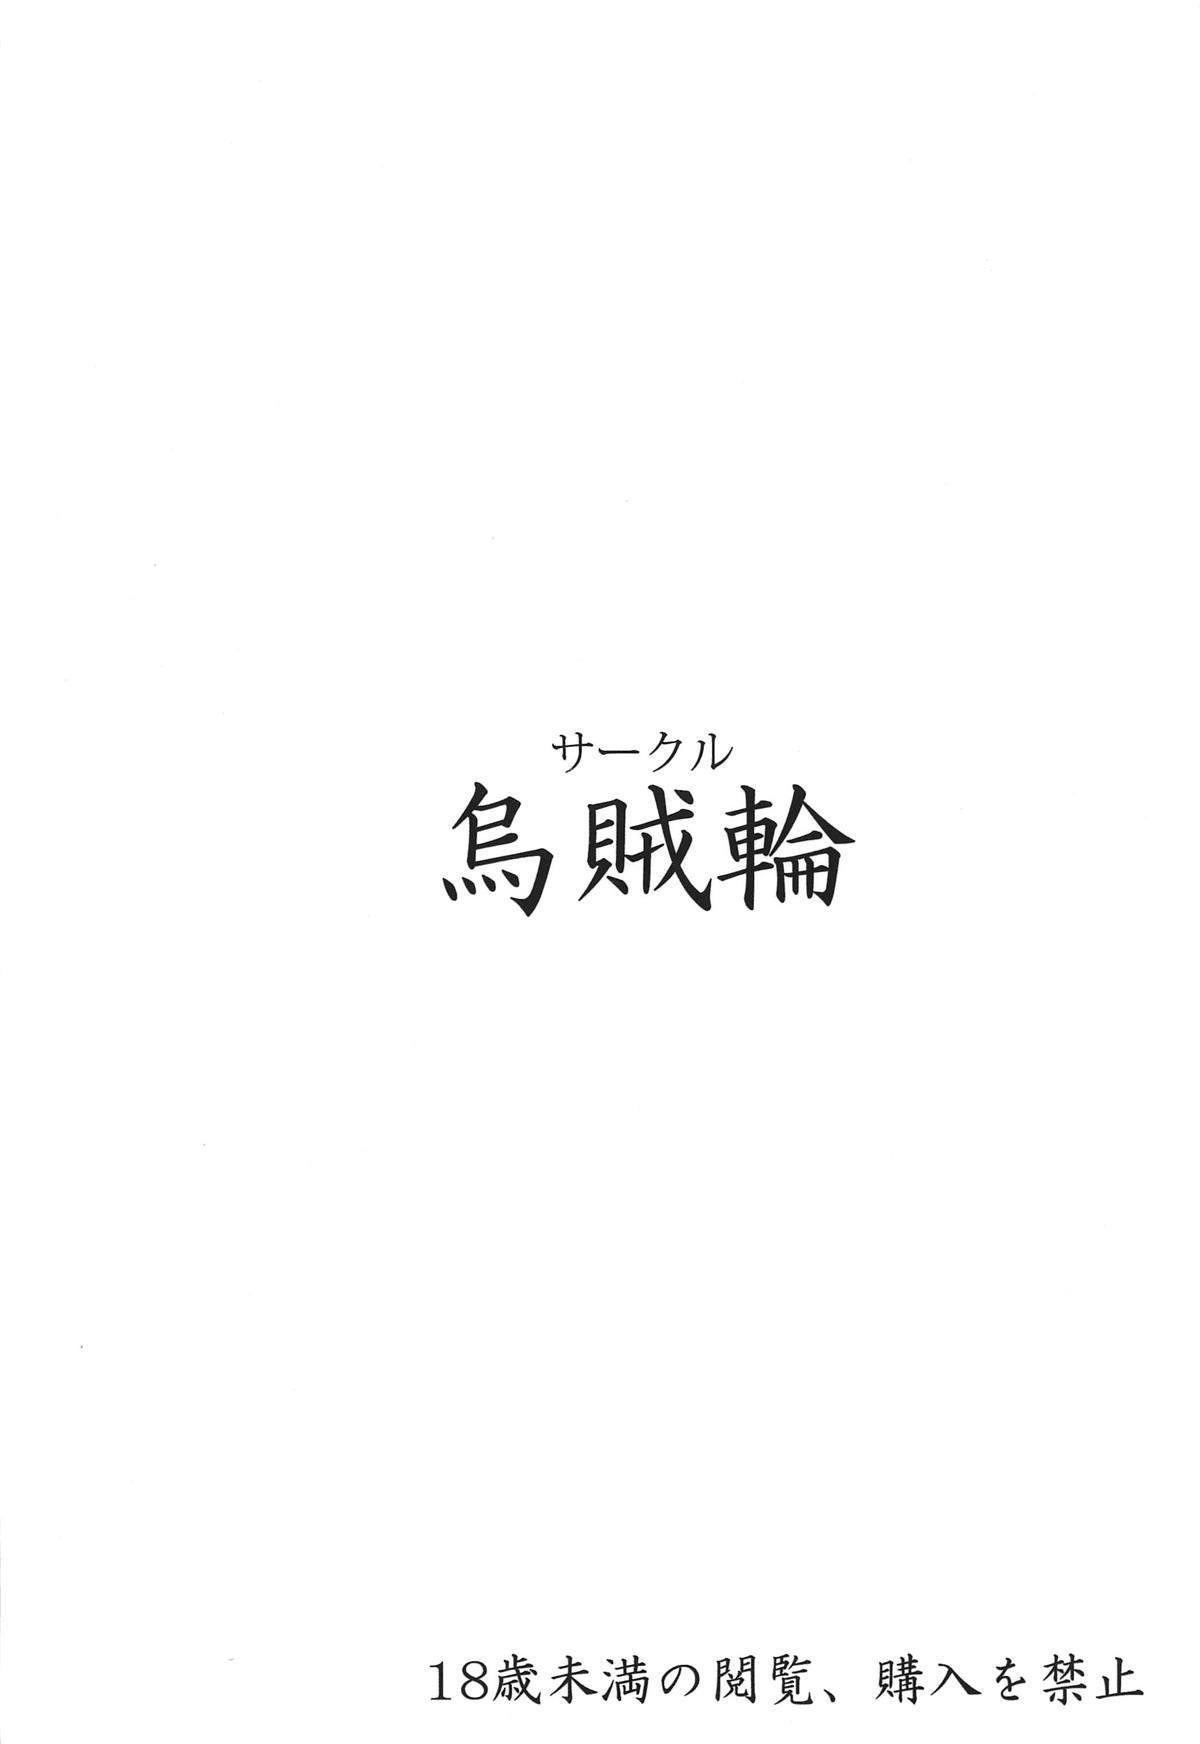 Yukari-san ga Tsurai Toki ni Yasashiku Nagusamete Kureru Hon 17